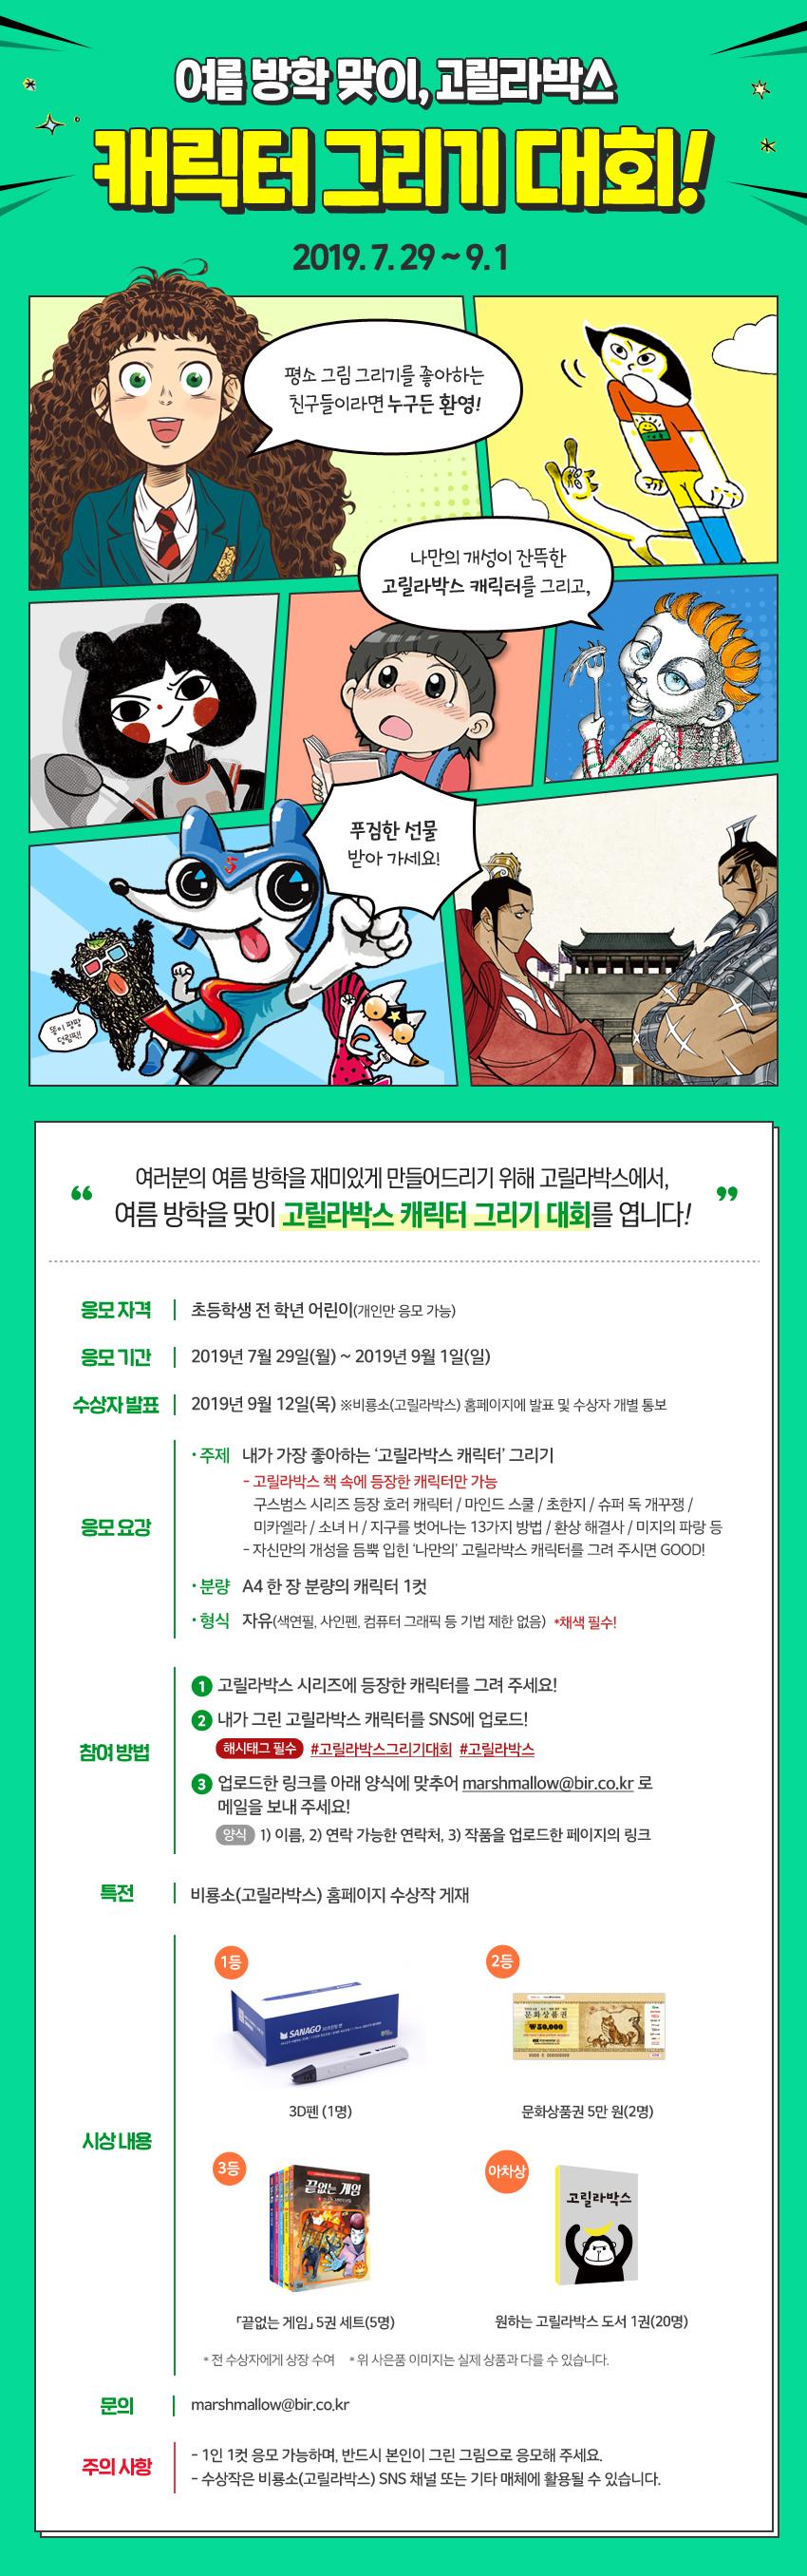 이벤트_고릴라박스_캐릭터그리기